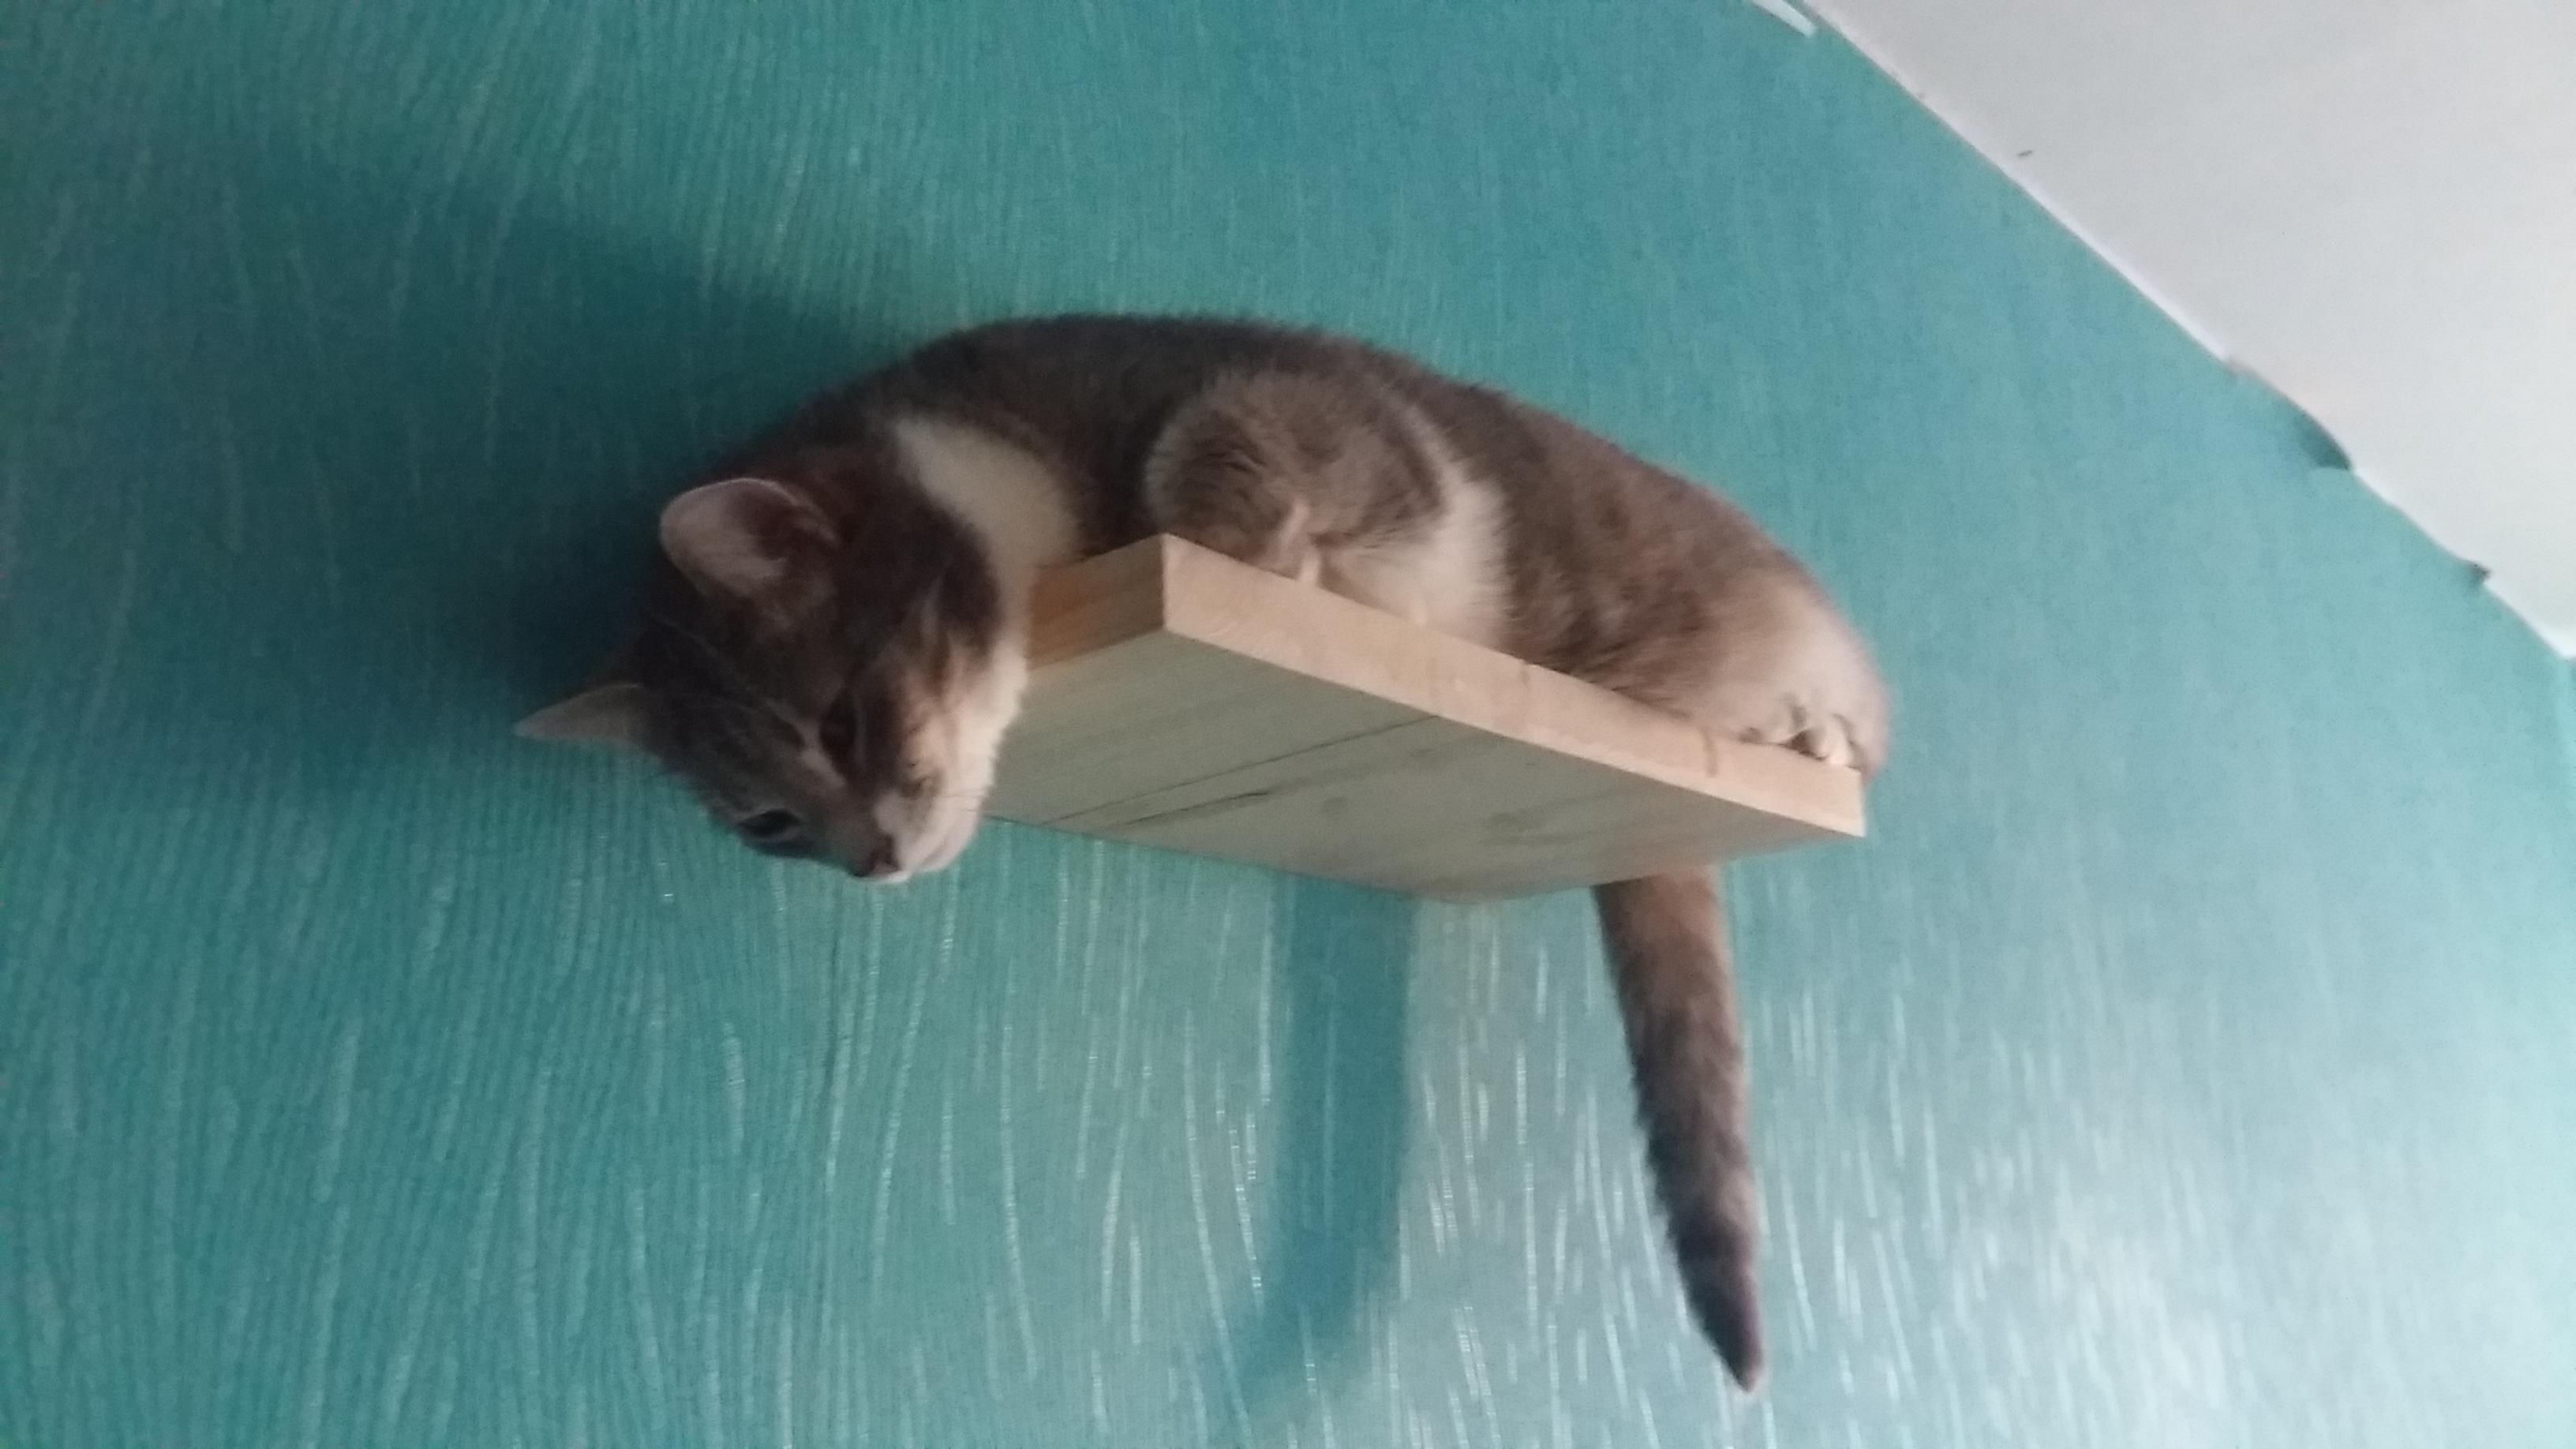 ea012972544 Pildil on näha kassidele paigaldatud üks riiulitest, kus algul käis ainult  kiisu Pibi. Hiljem